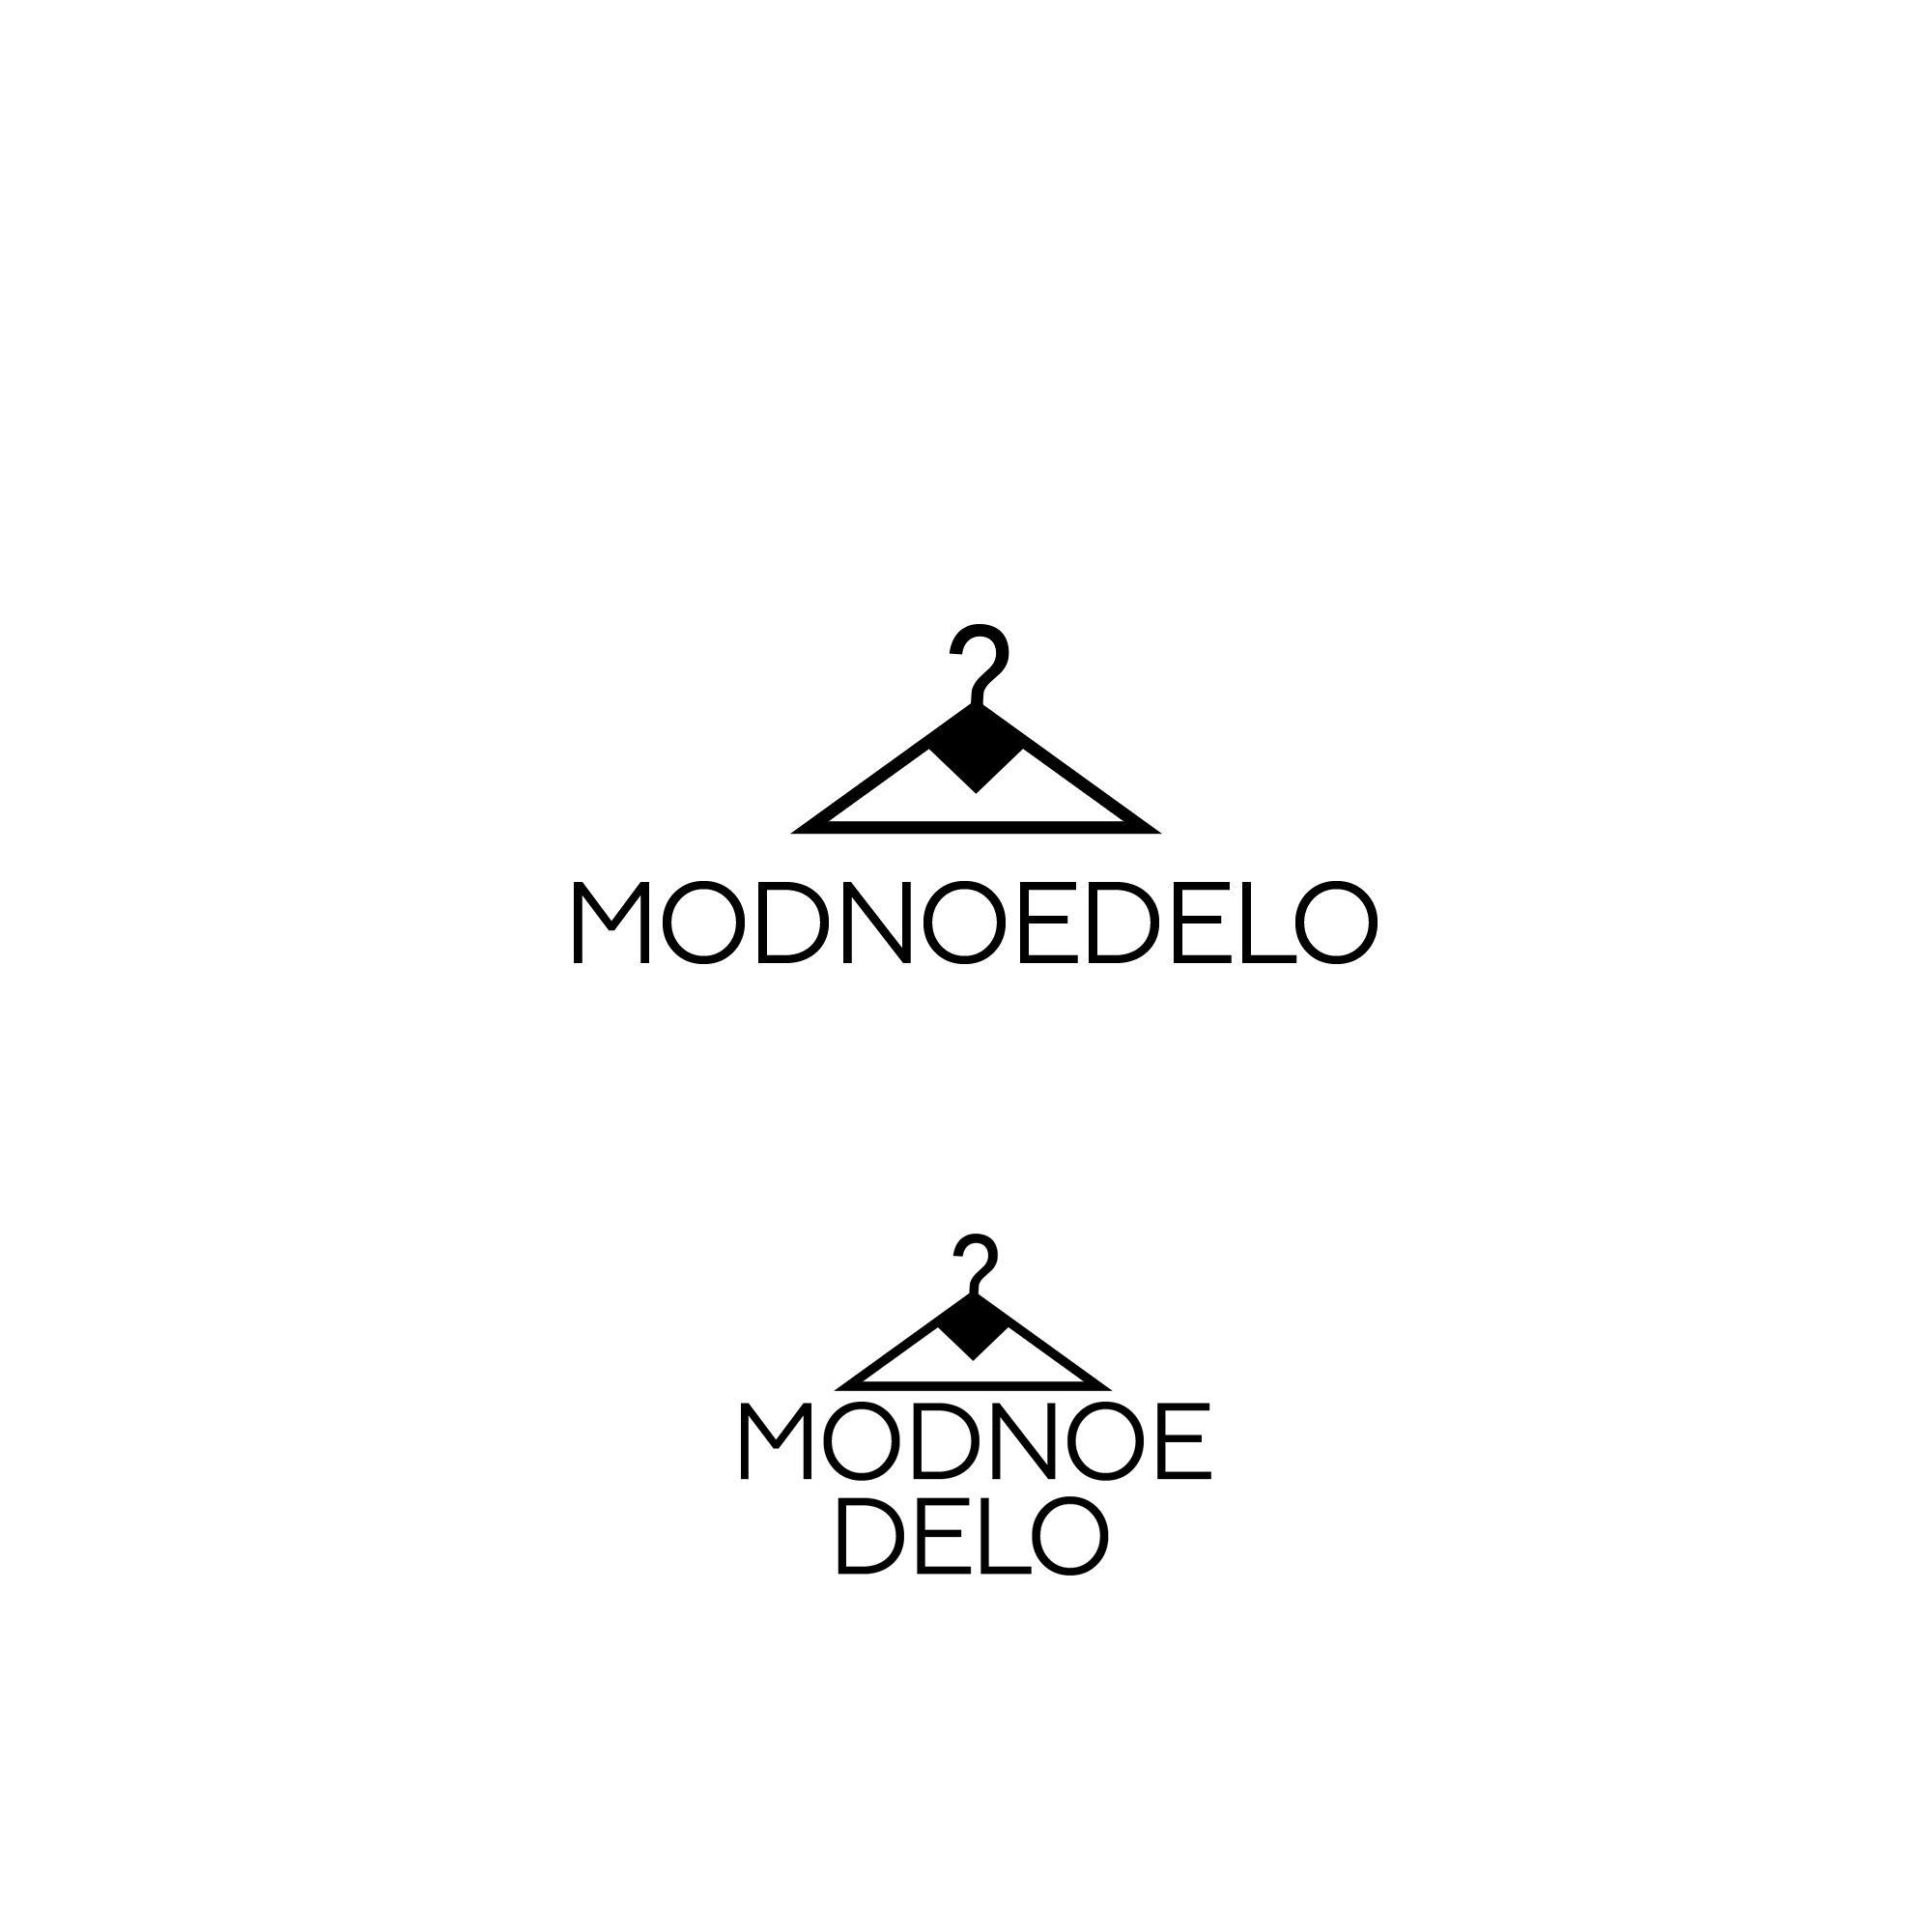 Лого для компании, развивающей бренды в сфере моды - дизайнер weste32